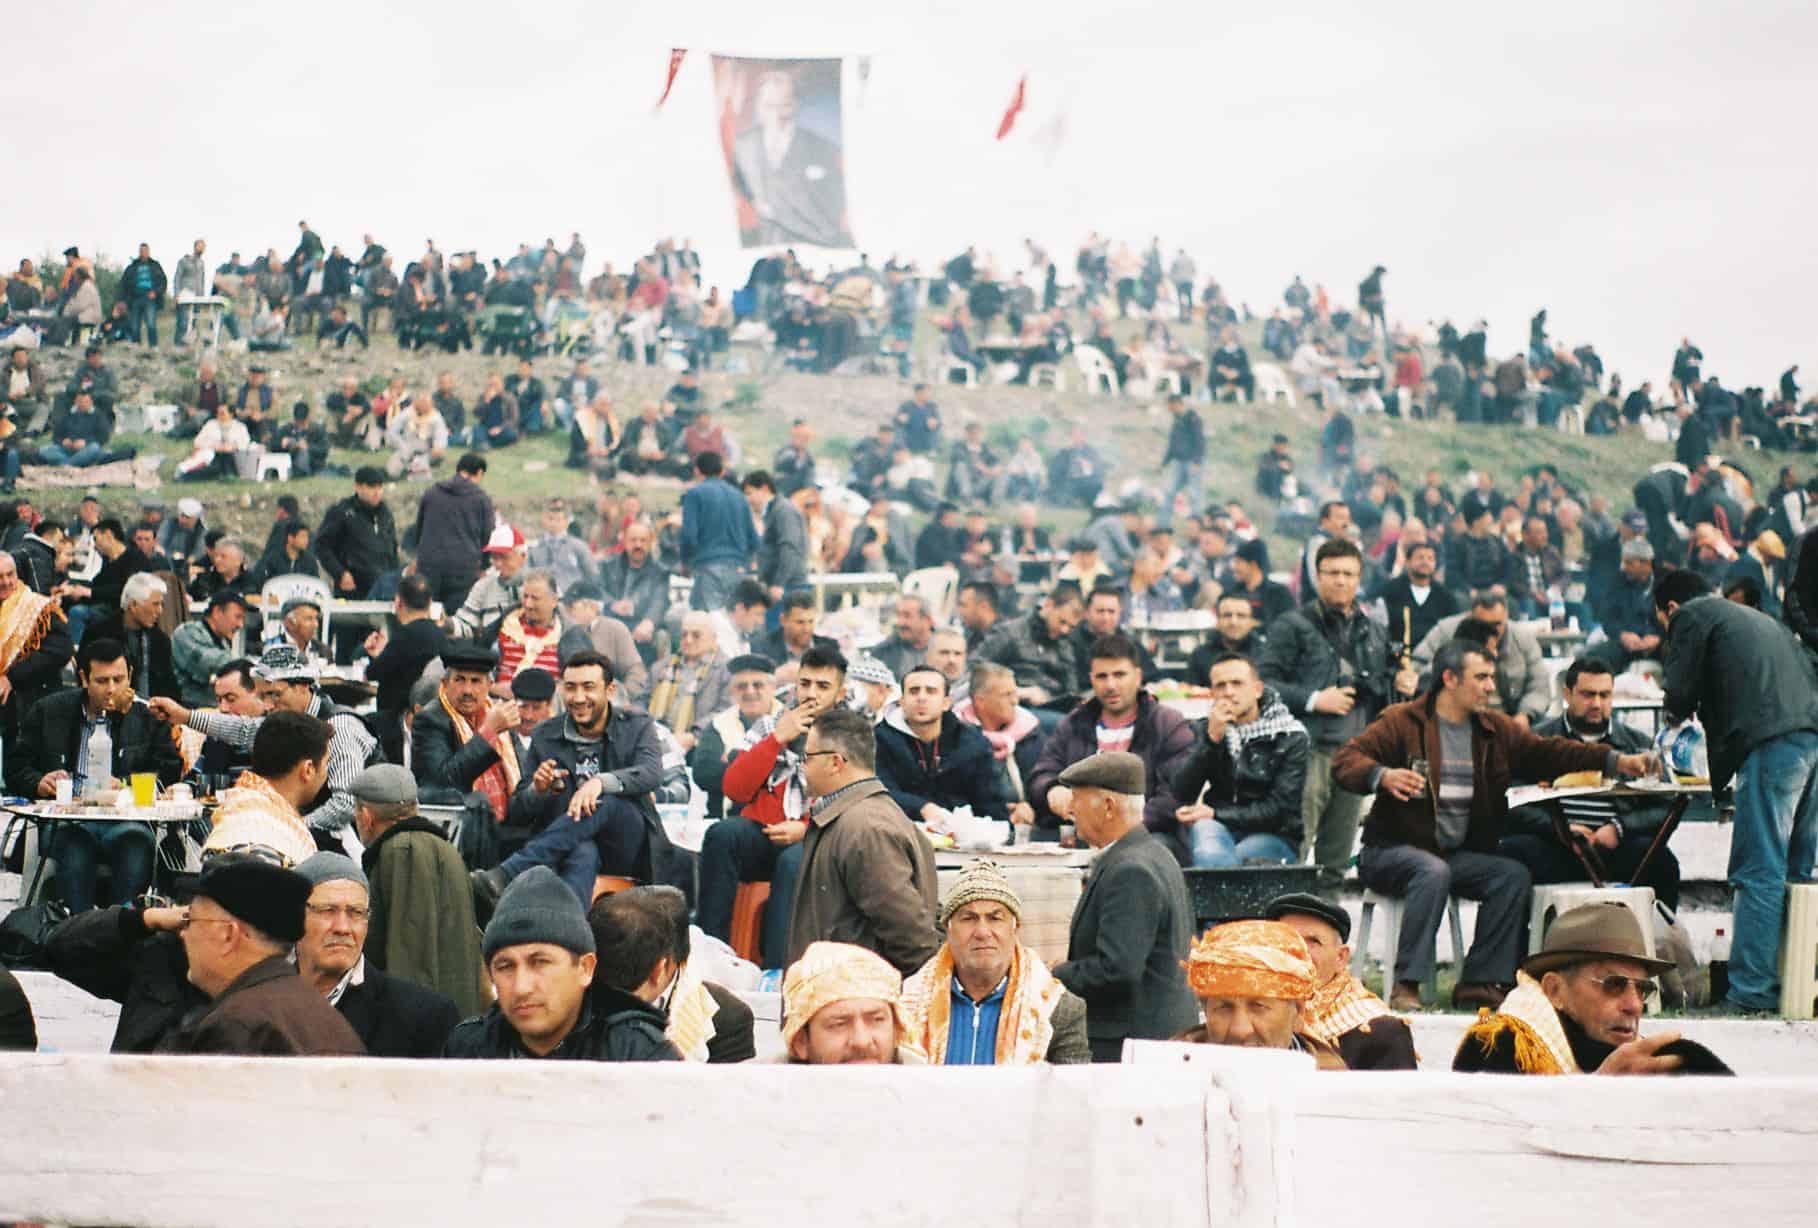 Men Watch The Field (camel wrestling festival)